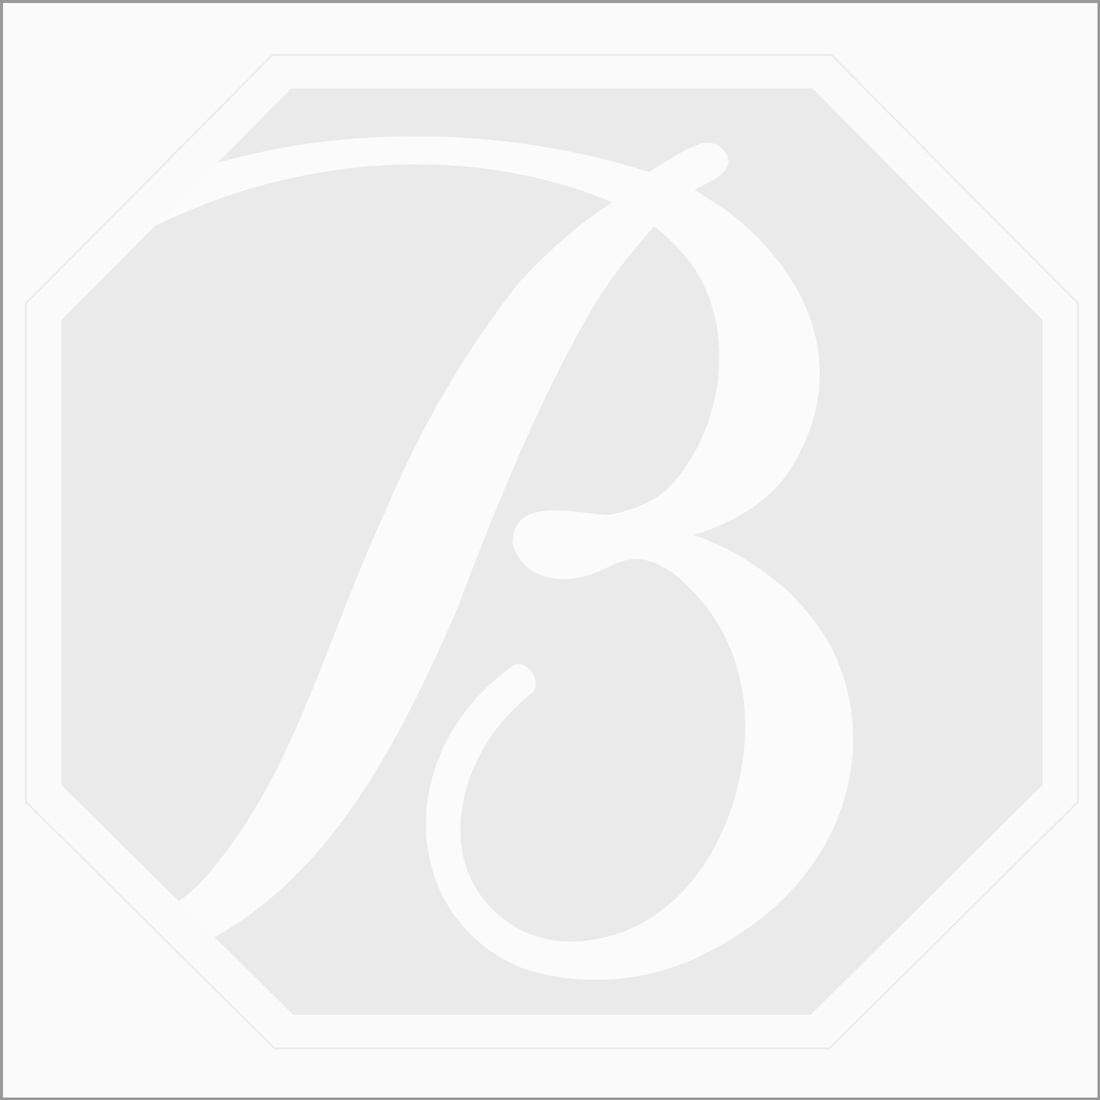 3 Pcs - 29.5 ct. - Green Tourmaline Rose Cut -17.1 x 16.5 x 4.4 mm to 19.9 x 12.5 x 3.7 mm (TRC1113)